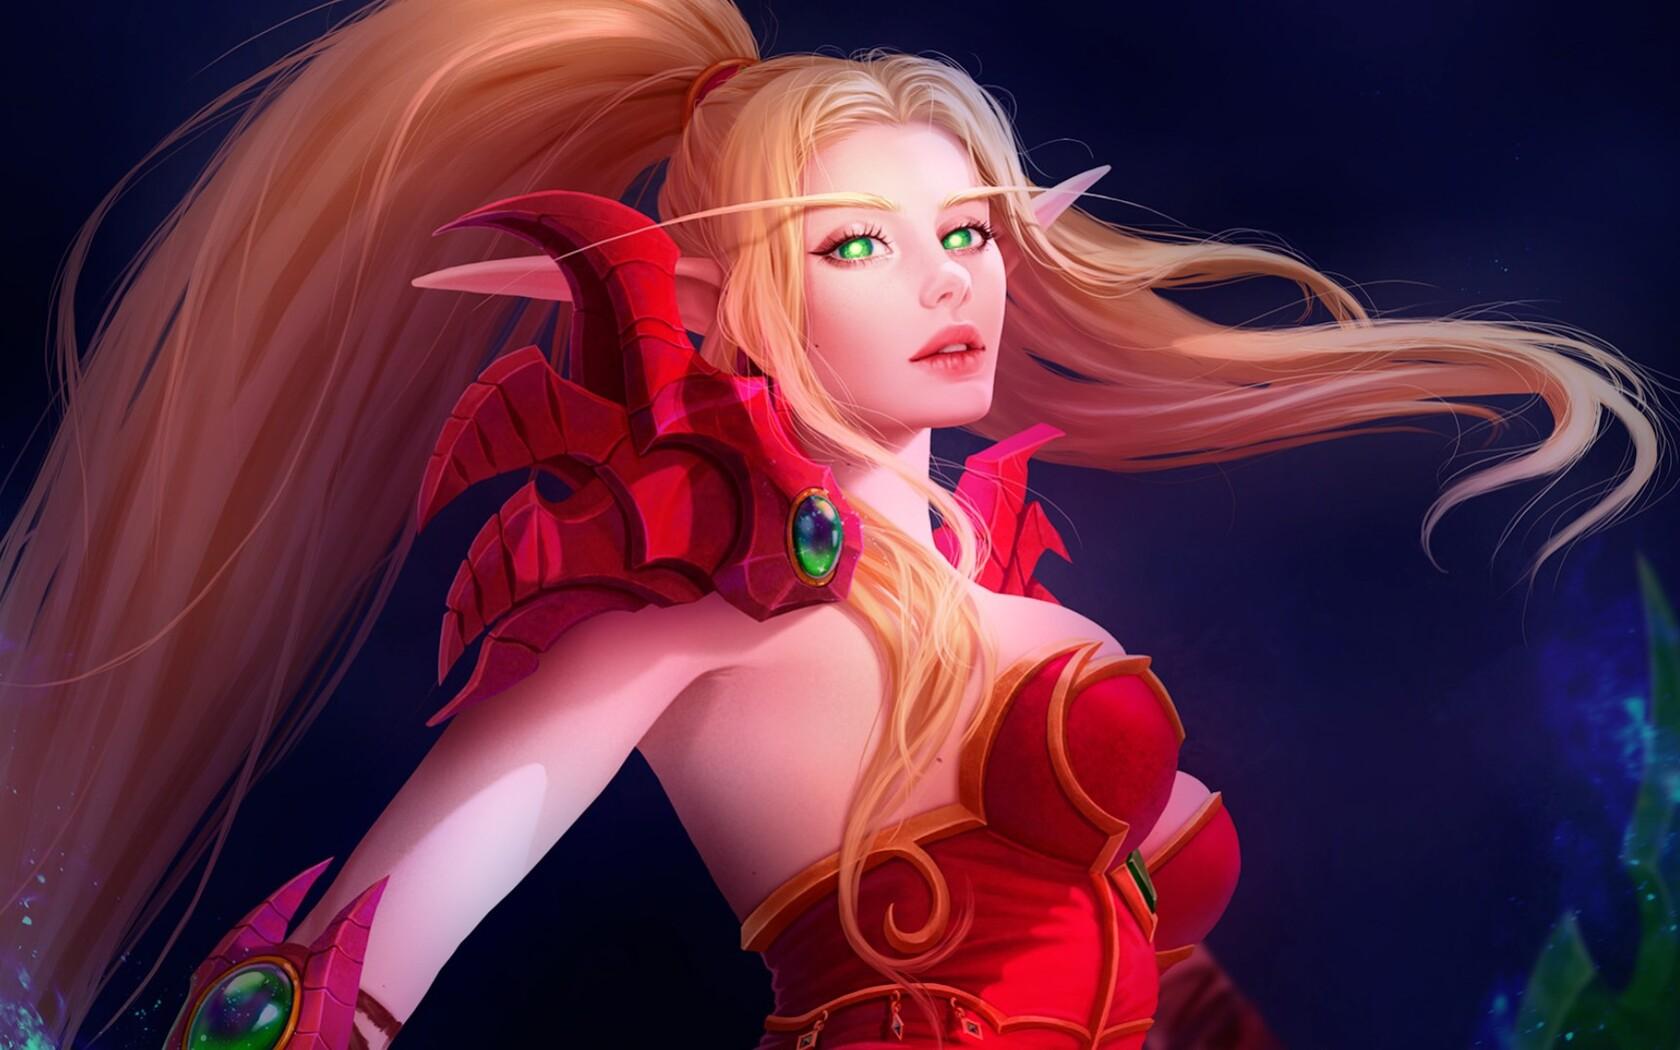 1680x1050 Blood Elf World Of Warcraft 1680x1050 Resolution